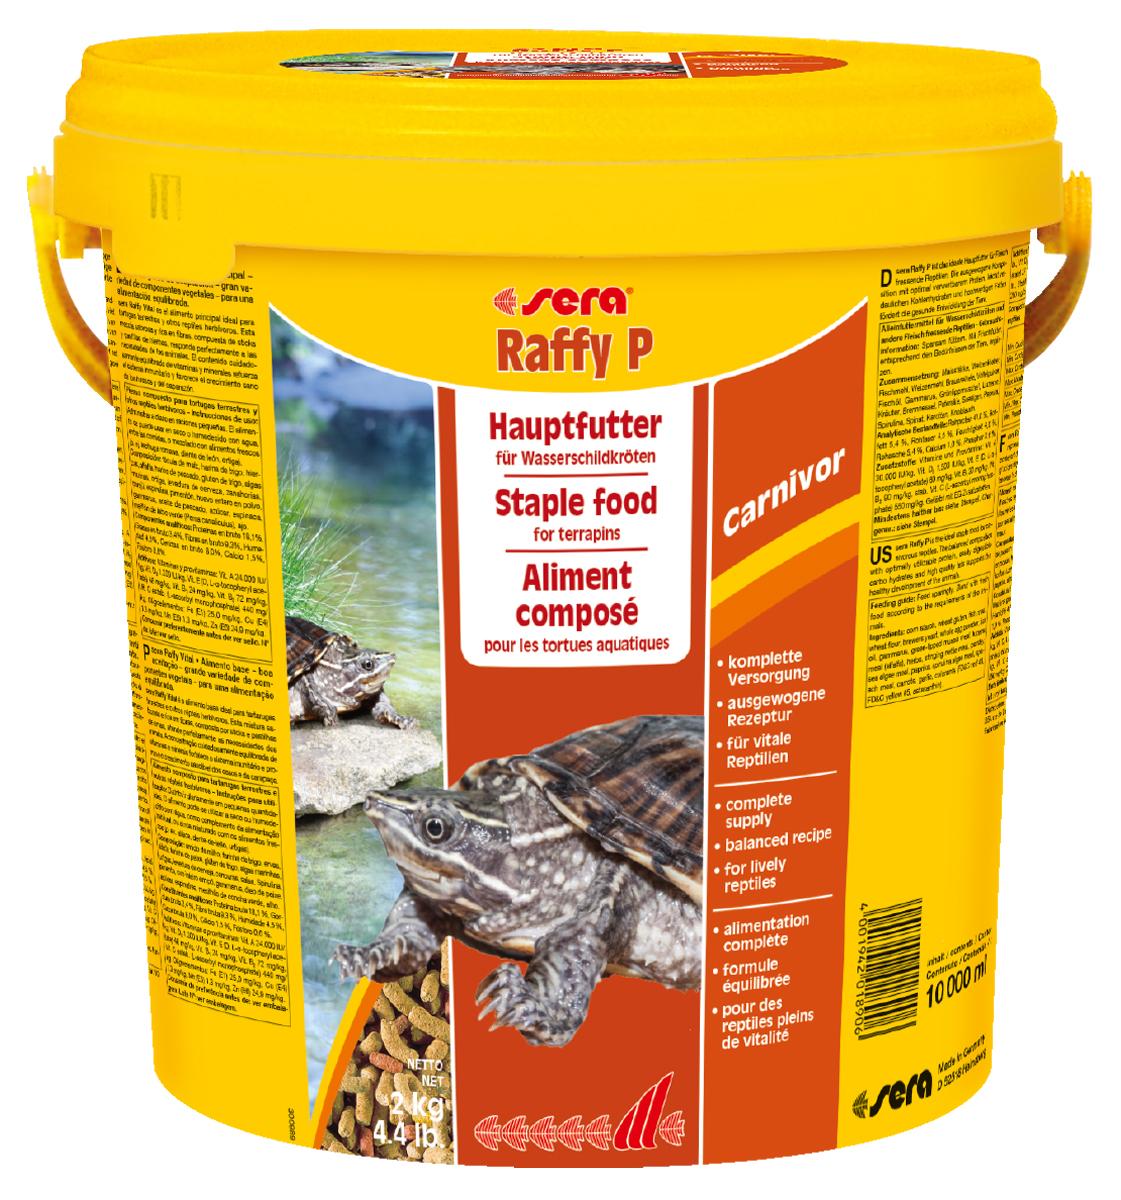 Корм для рептилий Sera Raffy P, 10 л (2 кг)1890Корм для рептилий Sera Raffy P - комплексный корм для водных черепах, ящериц и других плотоядных рептилий. Сбалансированный состав с оптимальным содержанием легко усваиваемых белков и углеводов, а также высококачественных жиров способствует здоровому развитию животных. Эти вкусные палочки содержат все необходимые ингредиенты, а также дополнительное количество кальция. Инструкция по применению: Кормить экономно. Смешать со свежим кормом в соответствии с потребностями животных. Ингредиенты: кукурузный крахмал, пшеничная клейковина, рыбная мука, пшеничная мука, пивные дрожжи, цельный яичный порошок, рыбий жир, гаммарус, зеленые мидии, люцерна, растительное сырье, крапива, петрушка, морские водоросли, паприка, спирулина, шпинат, морковь, чеснок. Аналитический состав: протеин 41,0%, жиры 5,4%, клетчатка 4,5%, влажность 4,0%, зольные вещества 5,4%, кальций 1,0%, фосфор 0,6%. Витамины (на 1 кг): А 30000 МЕ, D3 15000...